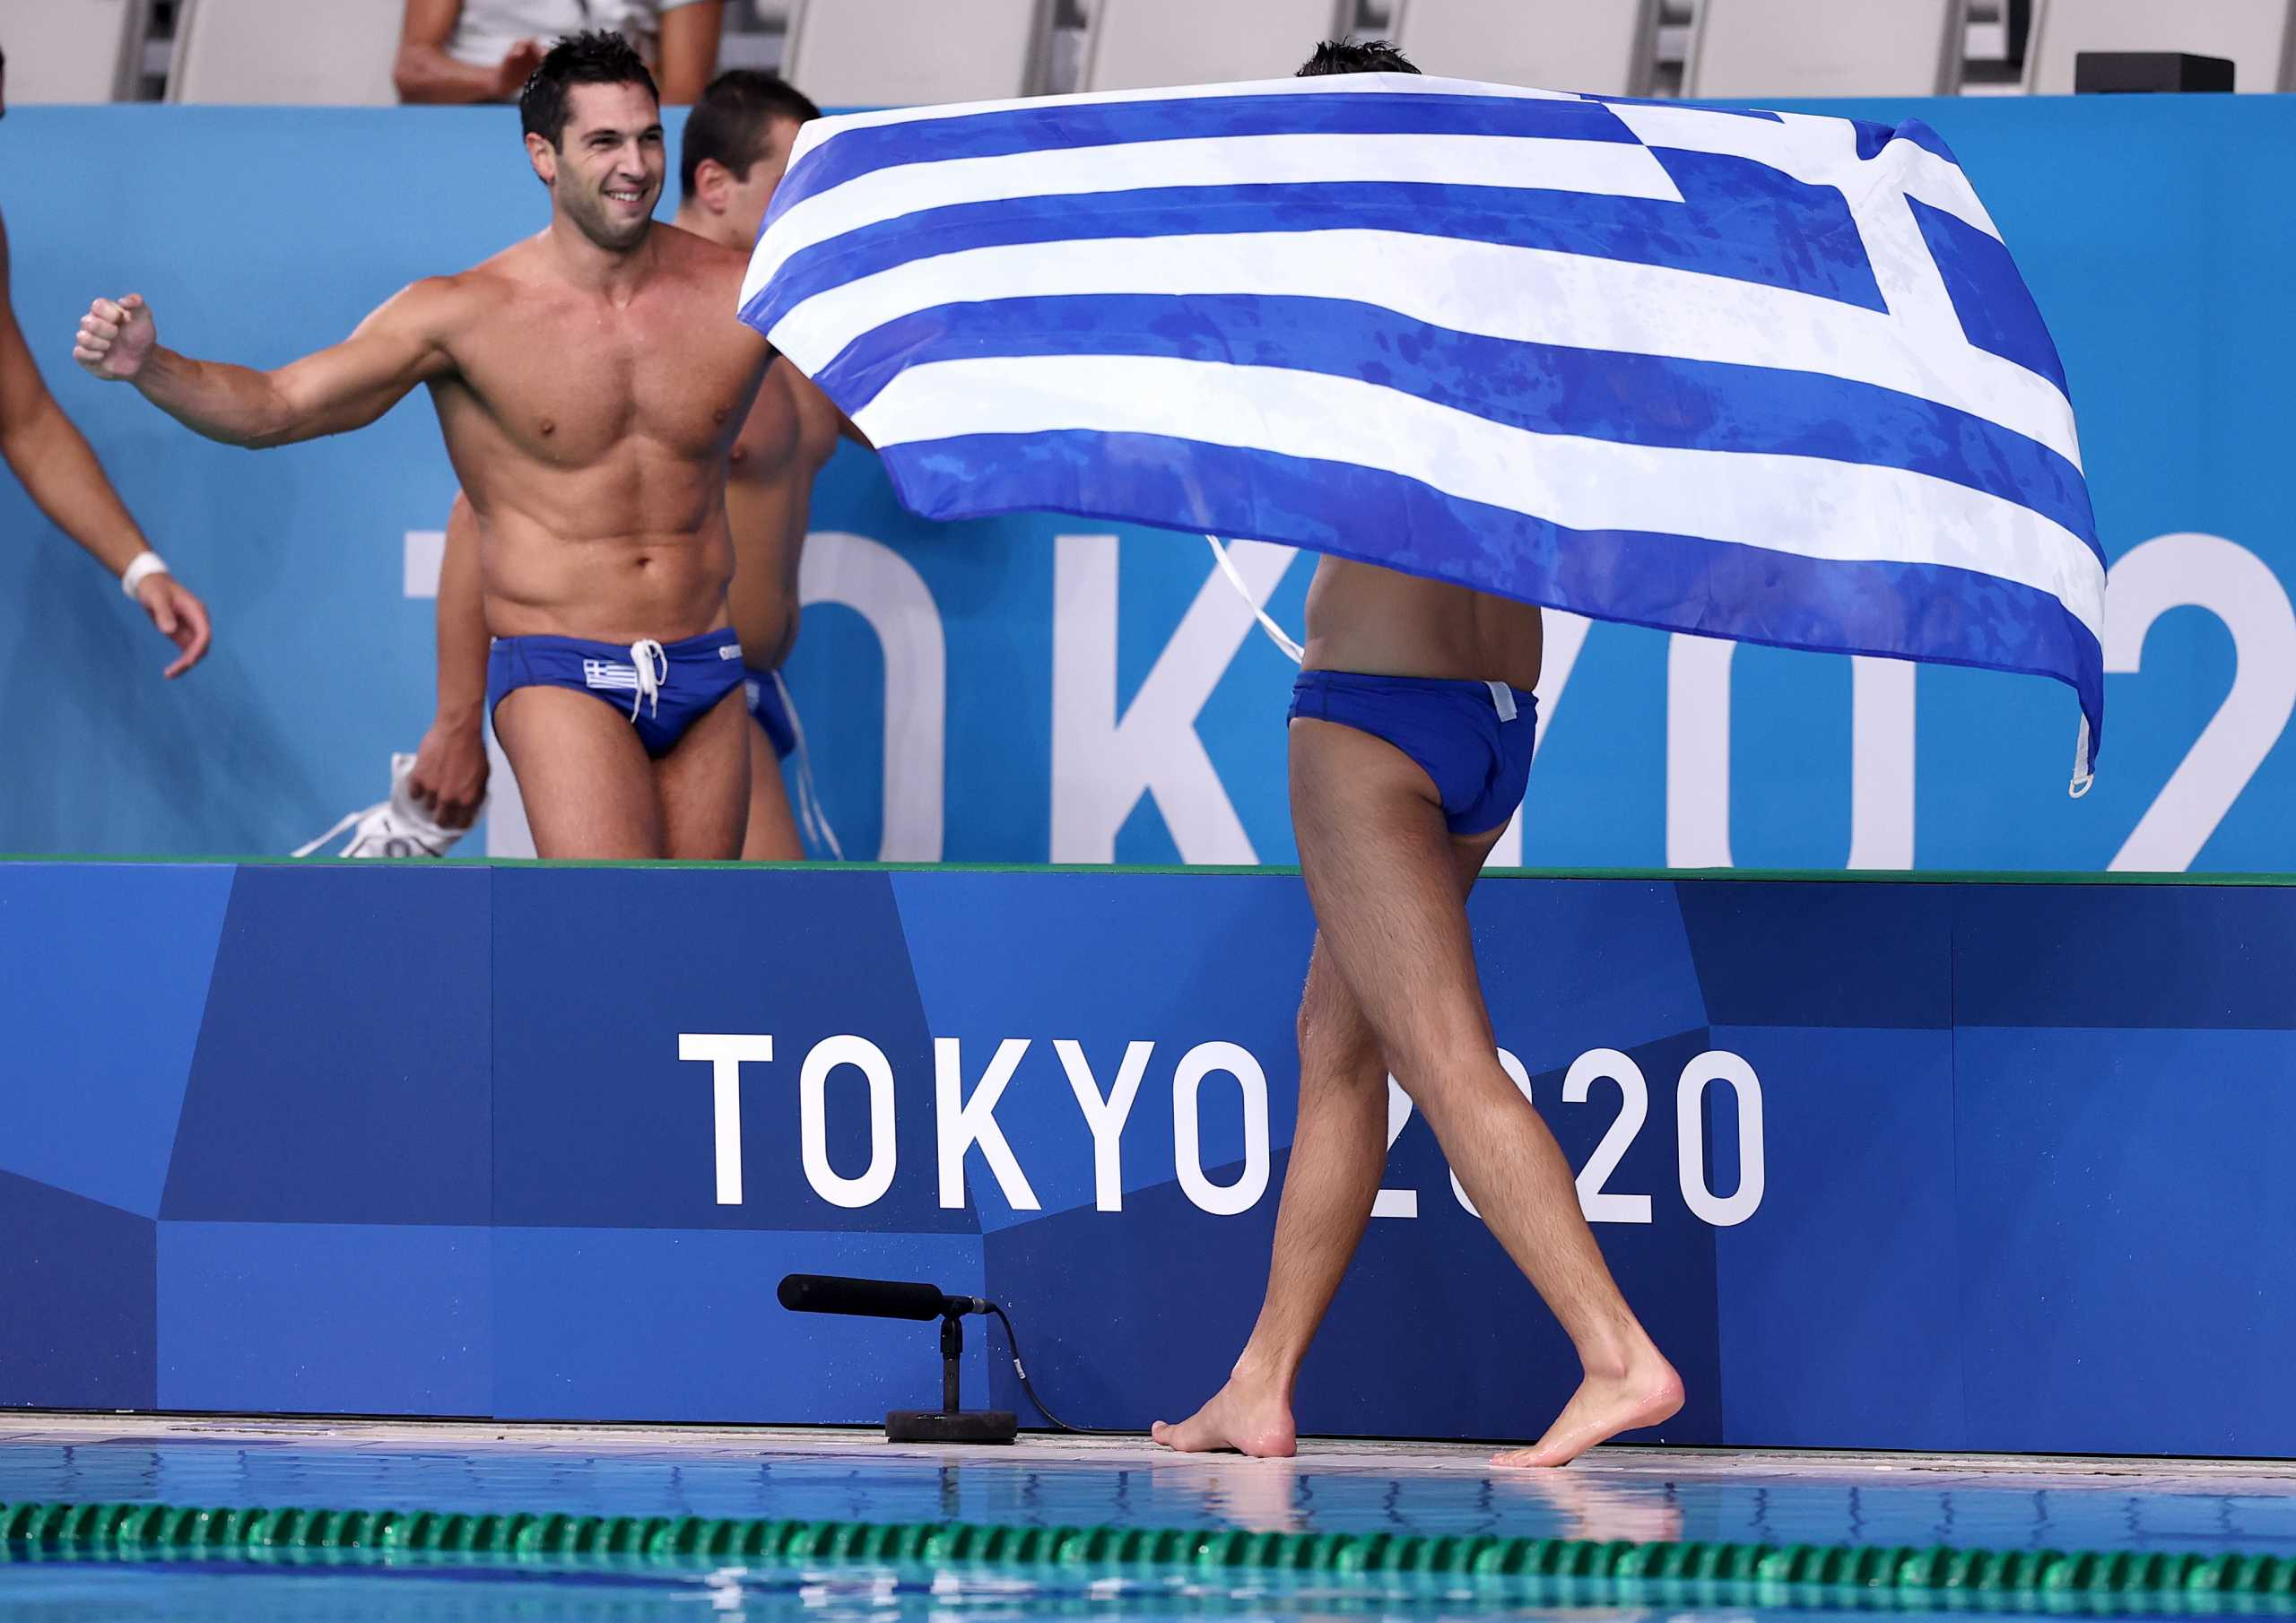 Εθνική πόλο: Η ημέρα και η ώρα του μεγάλου τελικού στους Ολυμπιακούς Αγώνες